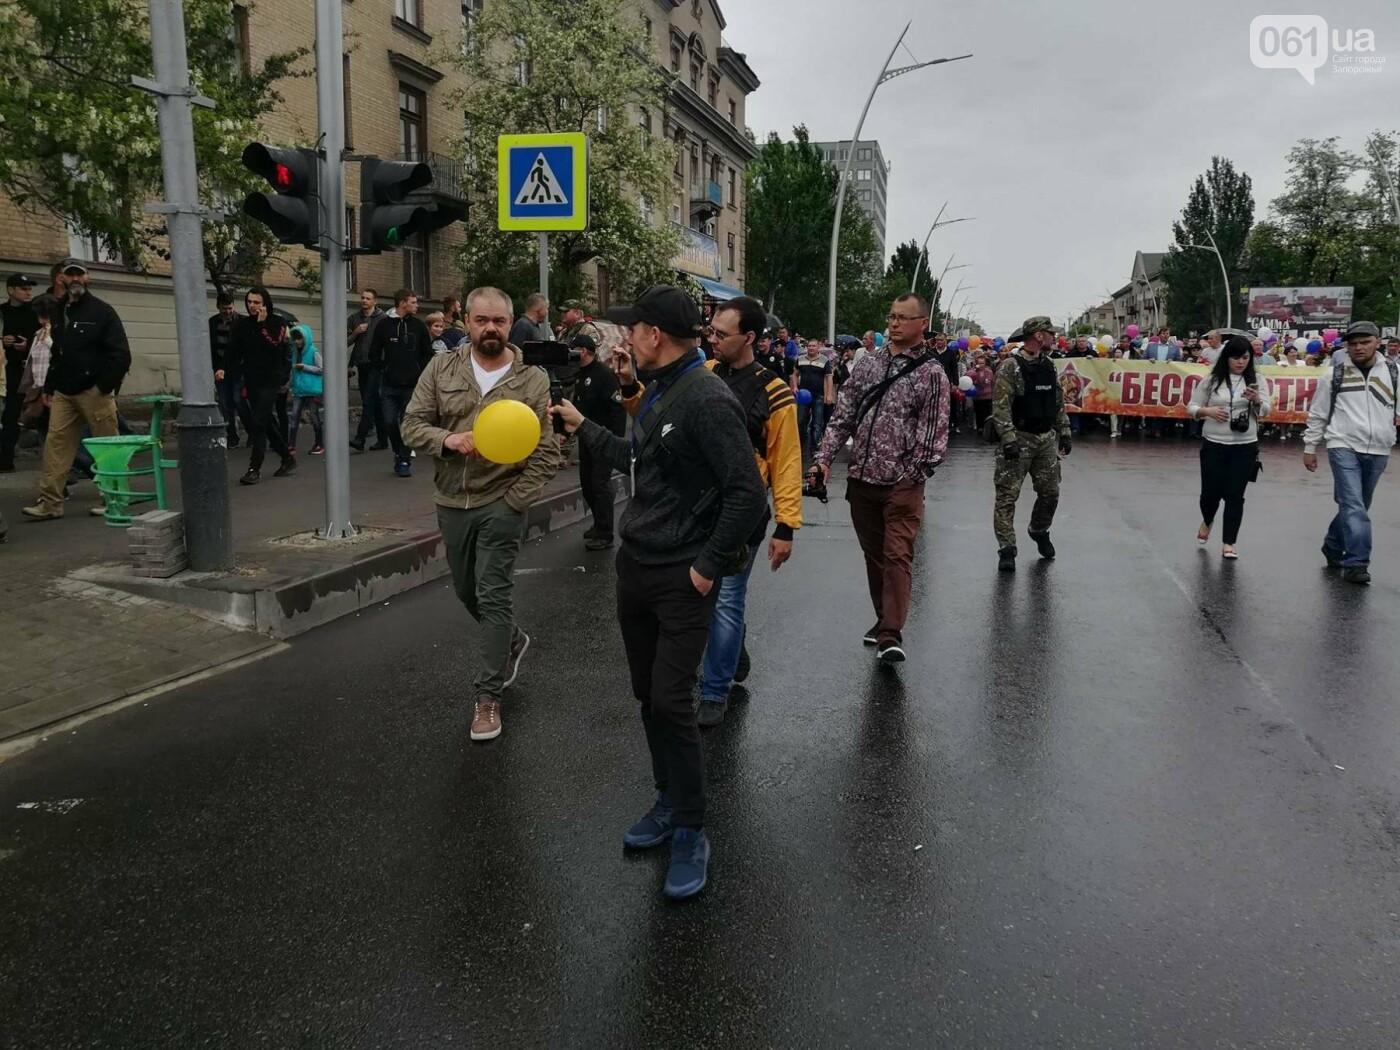 В Мелитополе митинг Балицкого закончился дракой - полиция просила снять георгиевские ленты, - ФОТО, ВИДЕО, фото-14